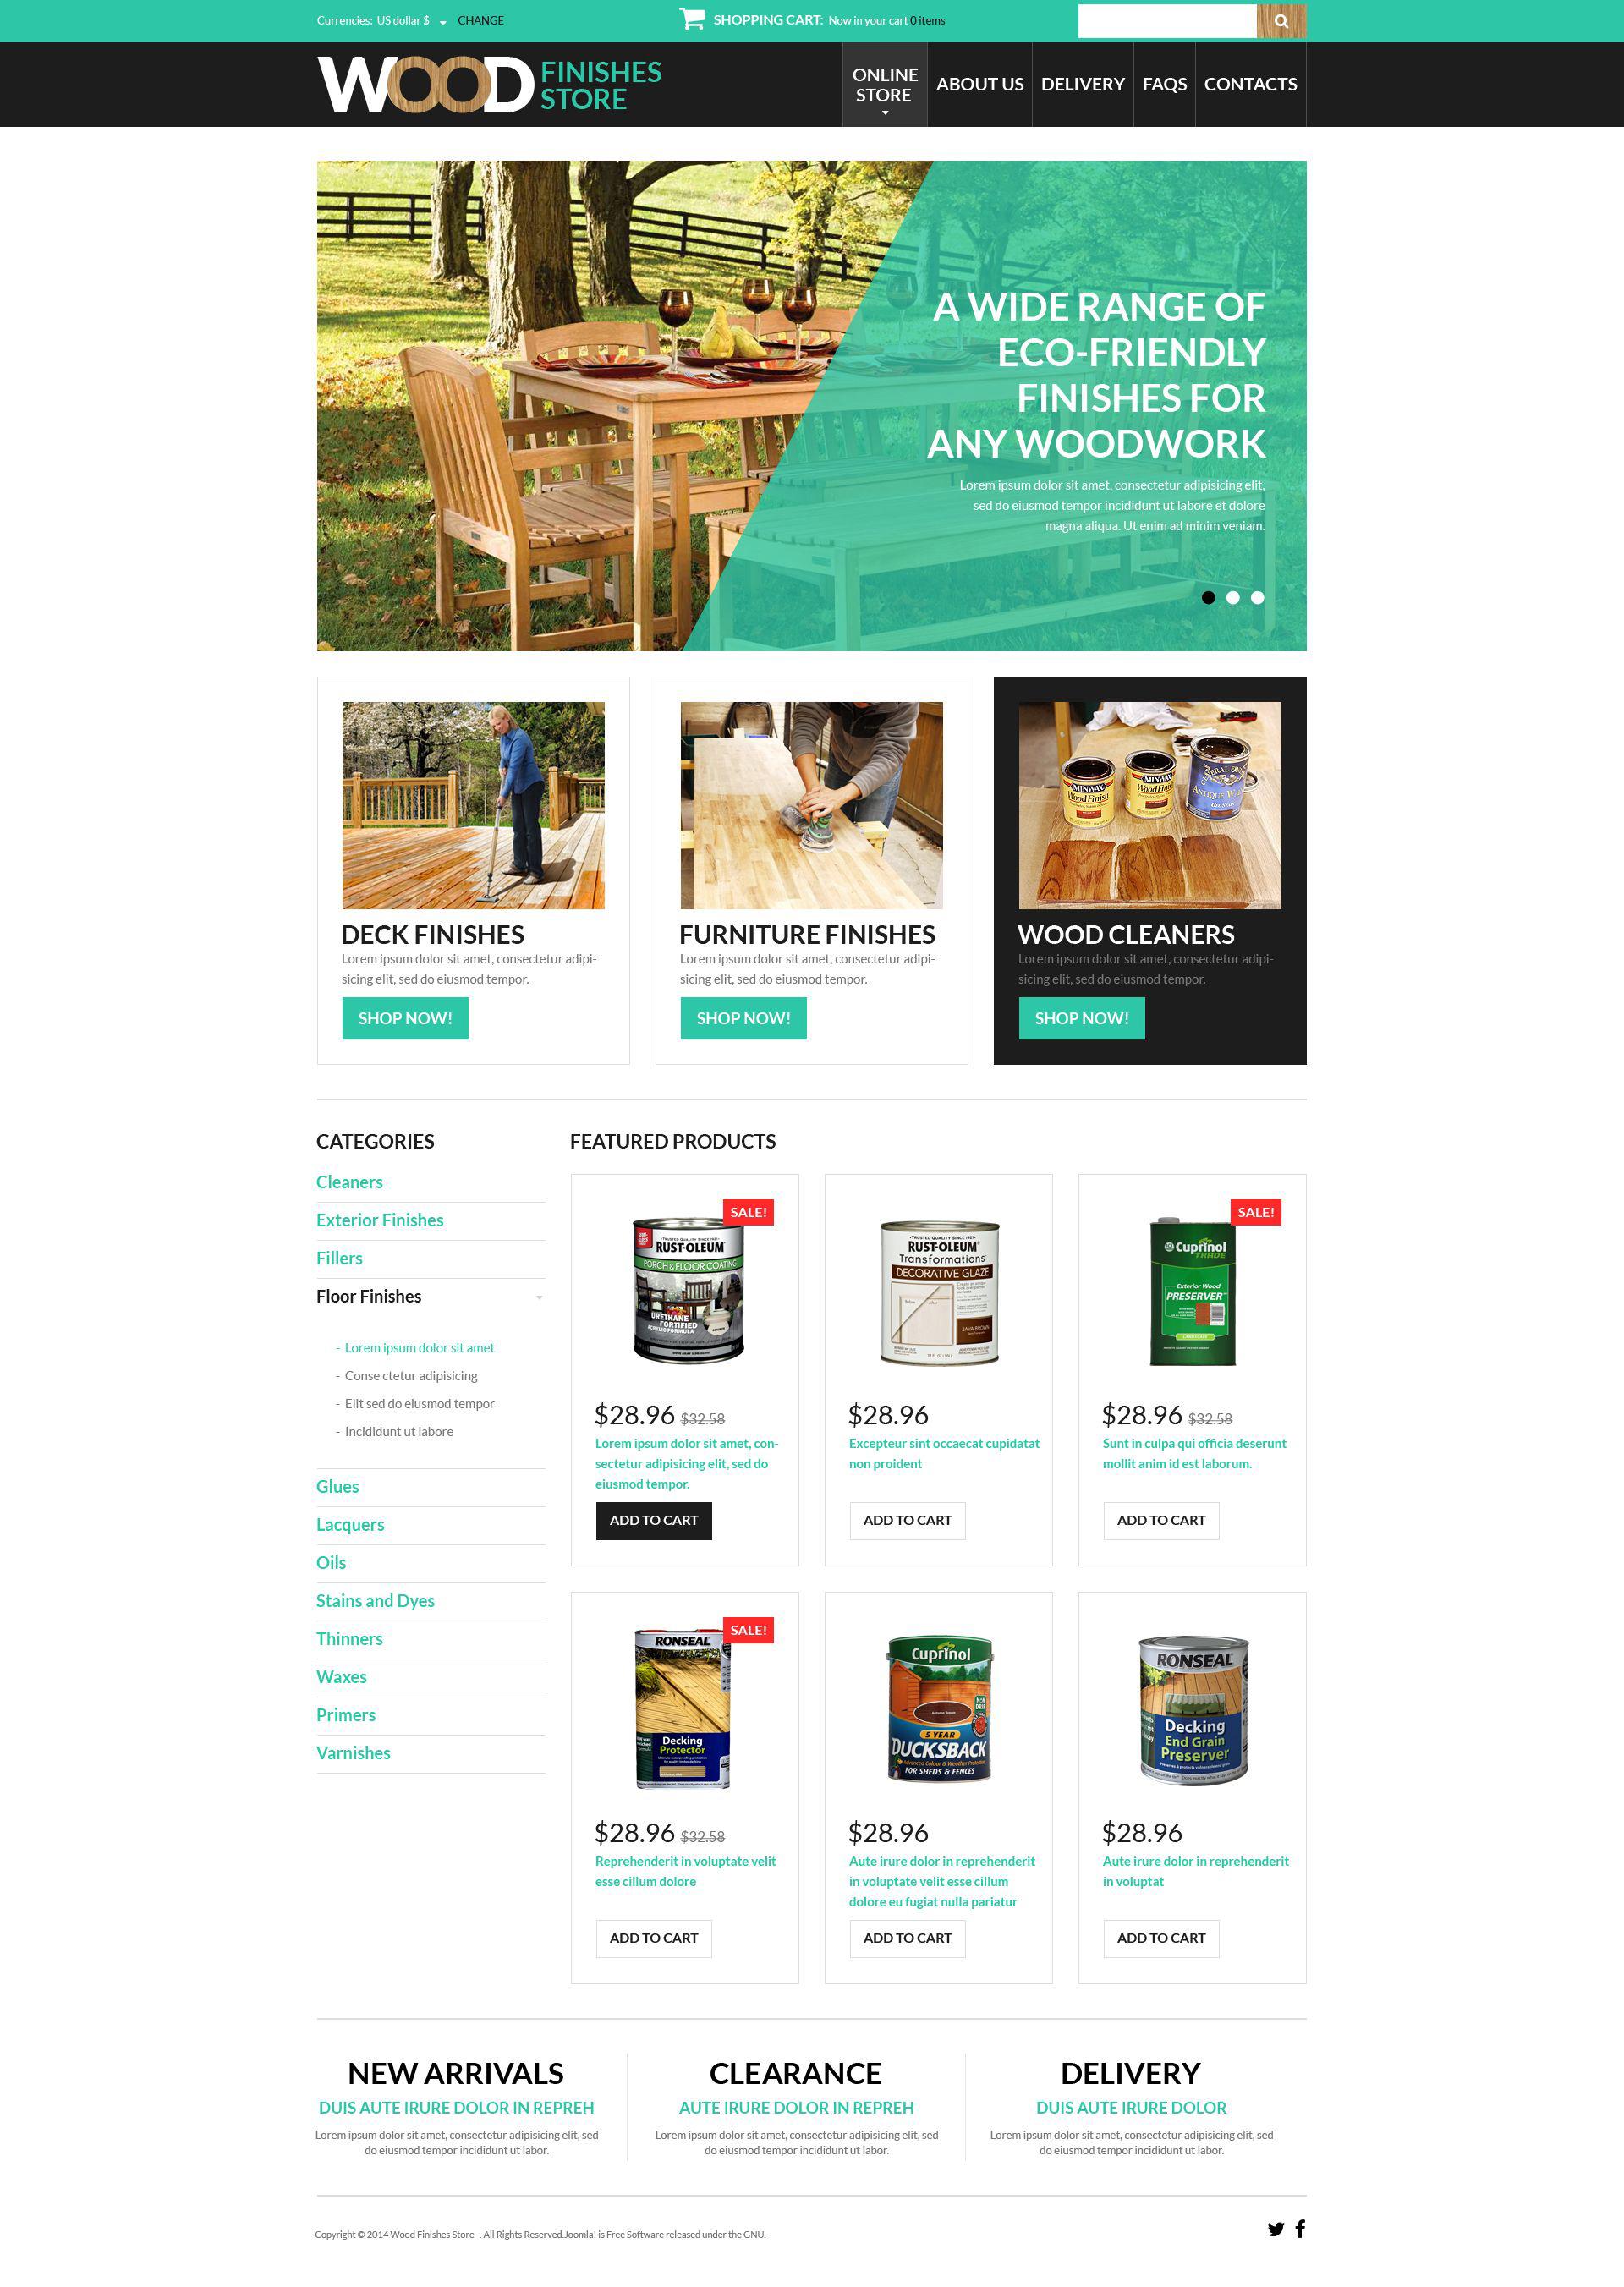 Wood Finishes Store VirtueMart sablon 51366 - képernyőkép